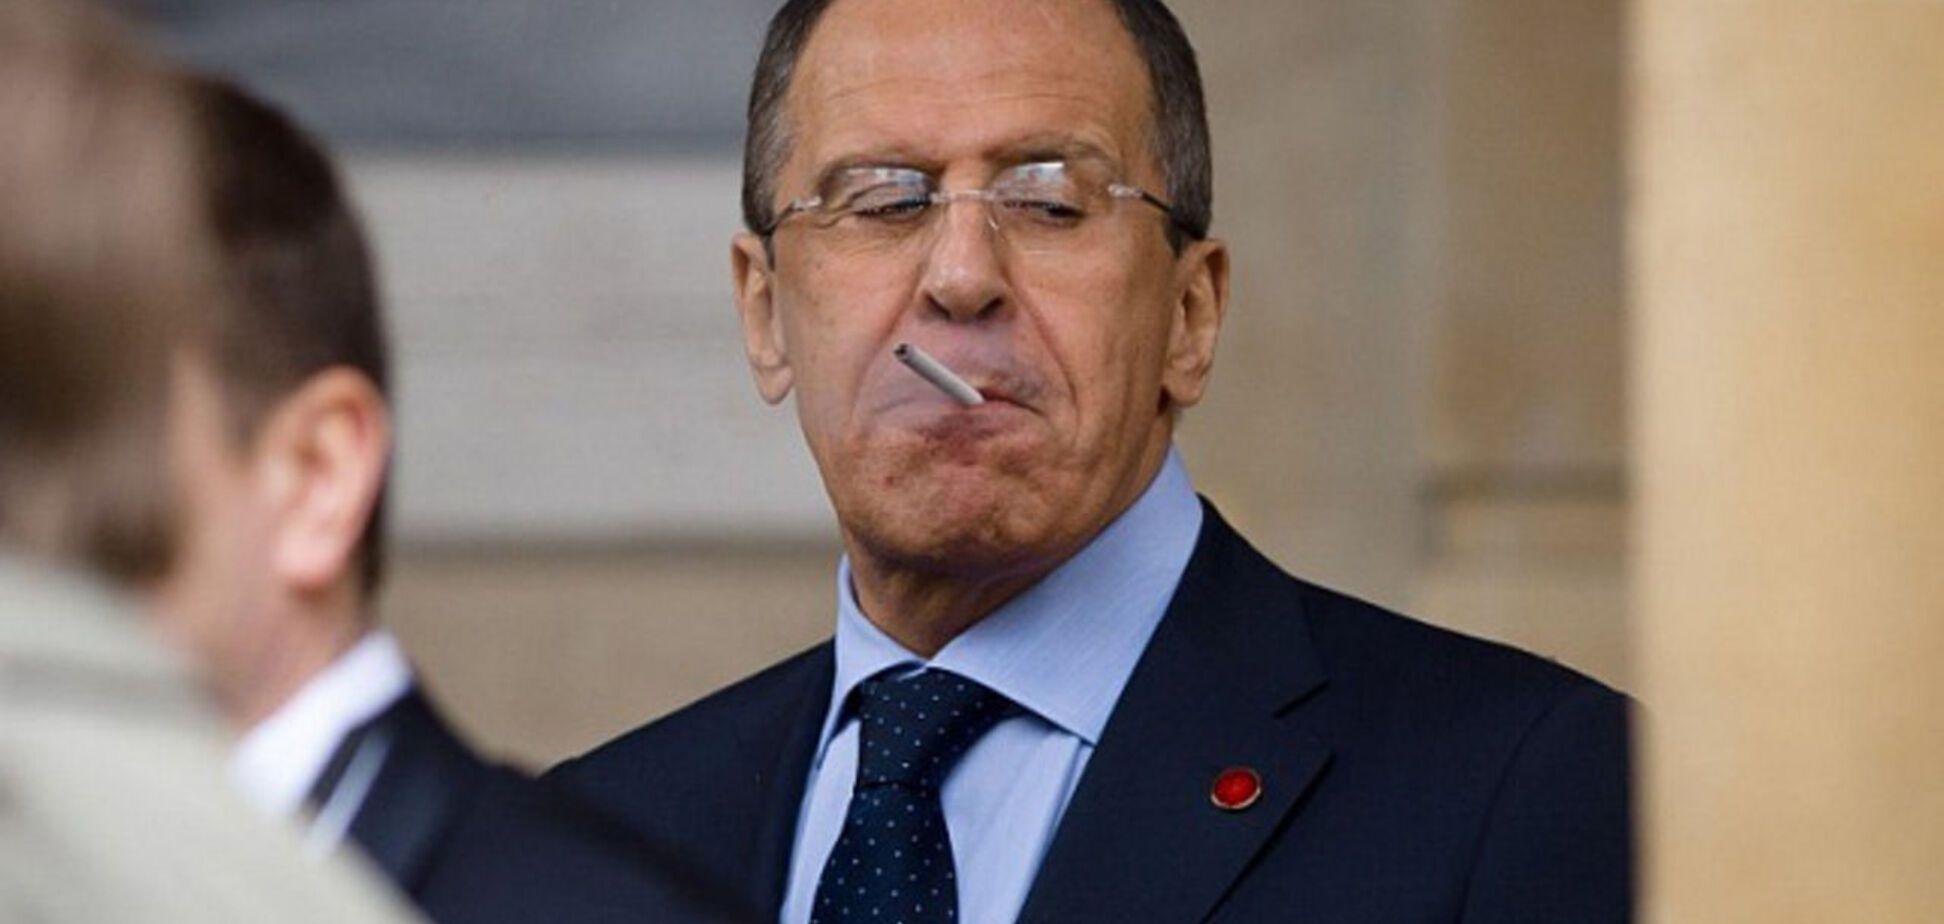 Ткните Лаврова носом: Пионтковский пояснил, как разговаривать с Кремлем